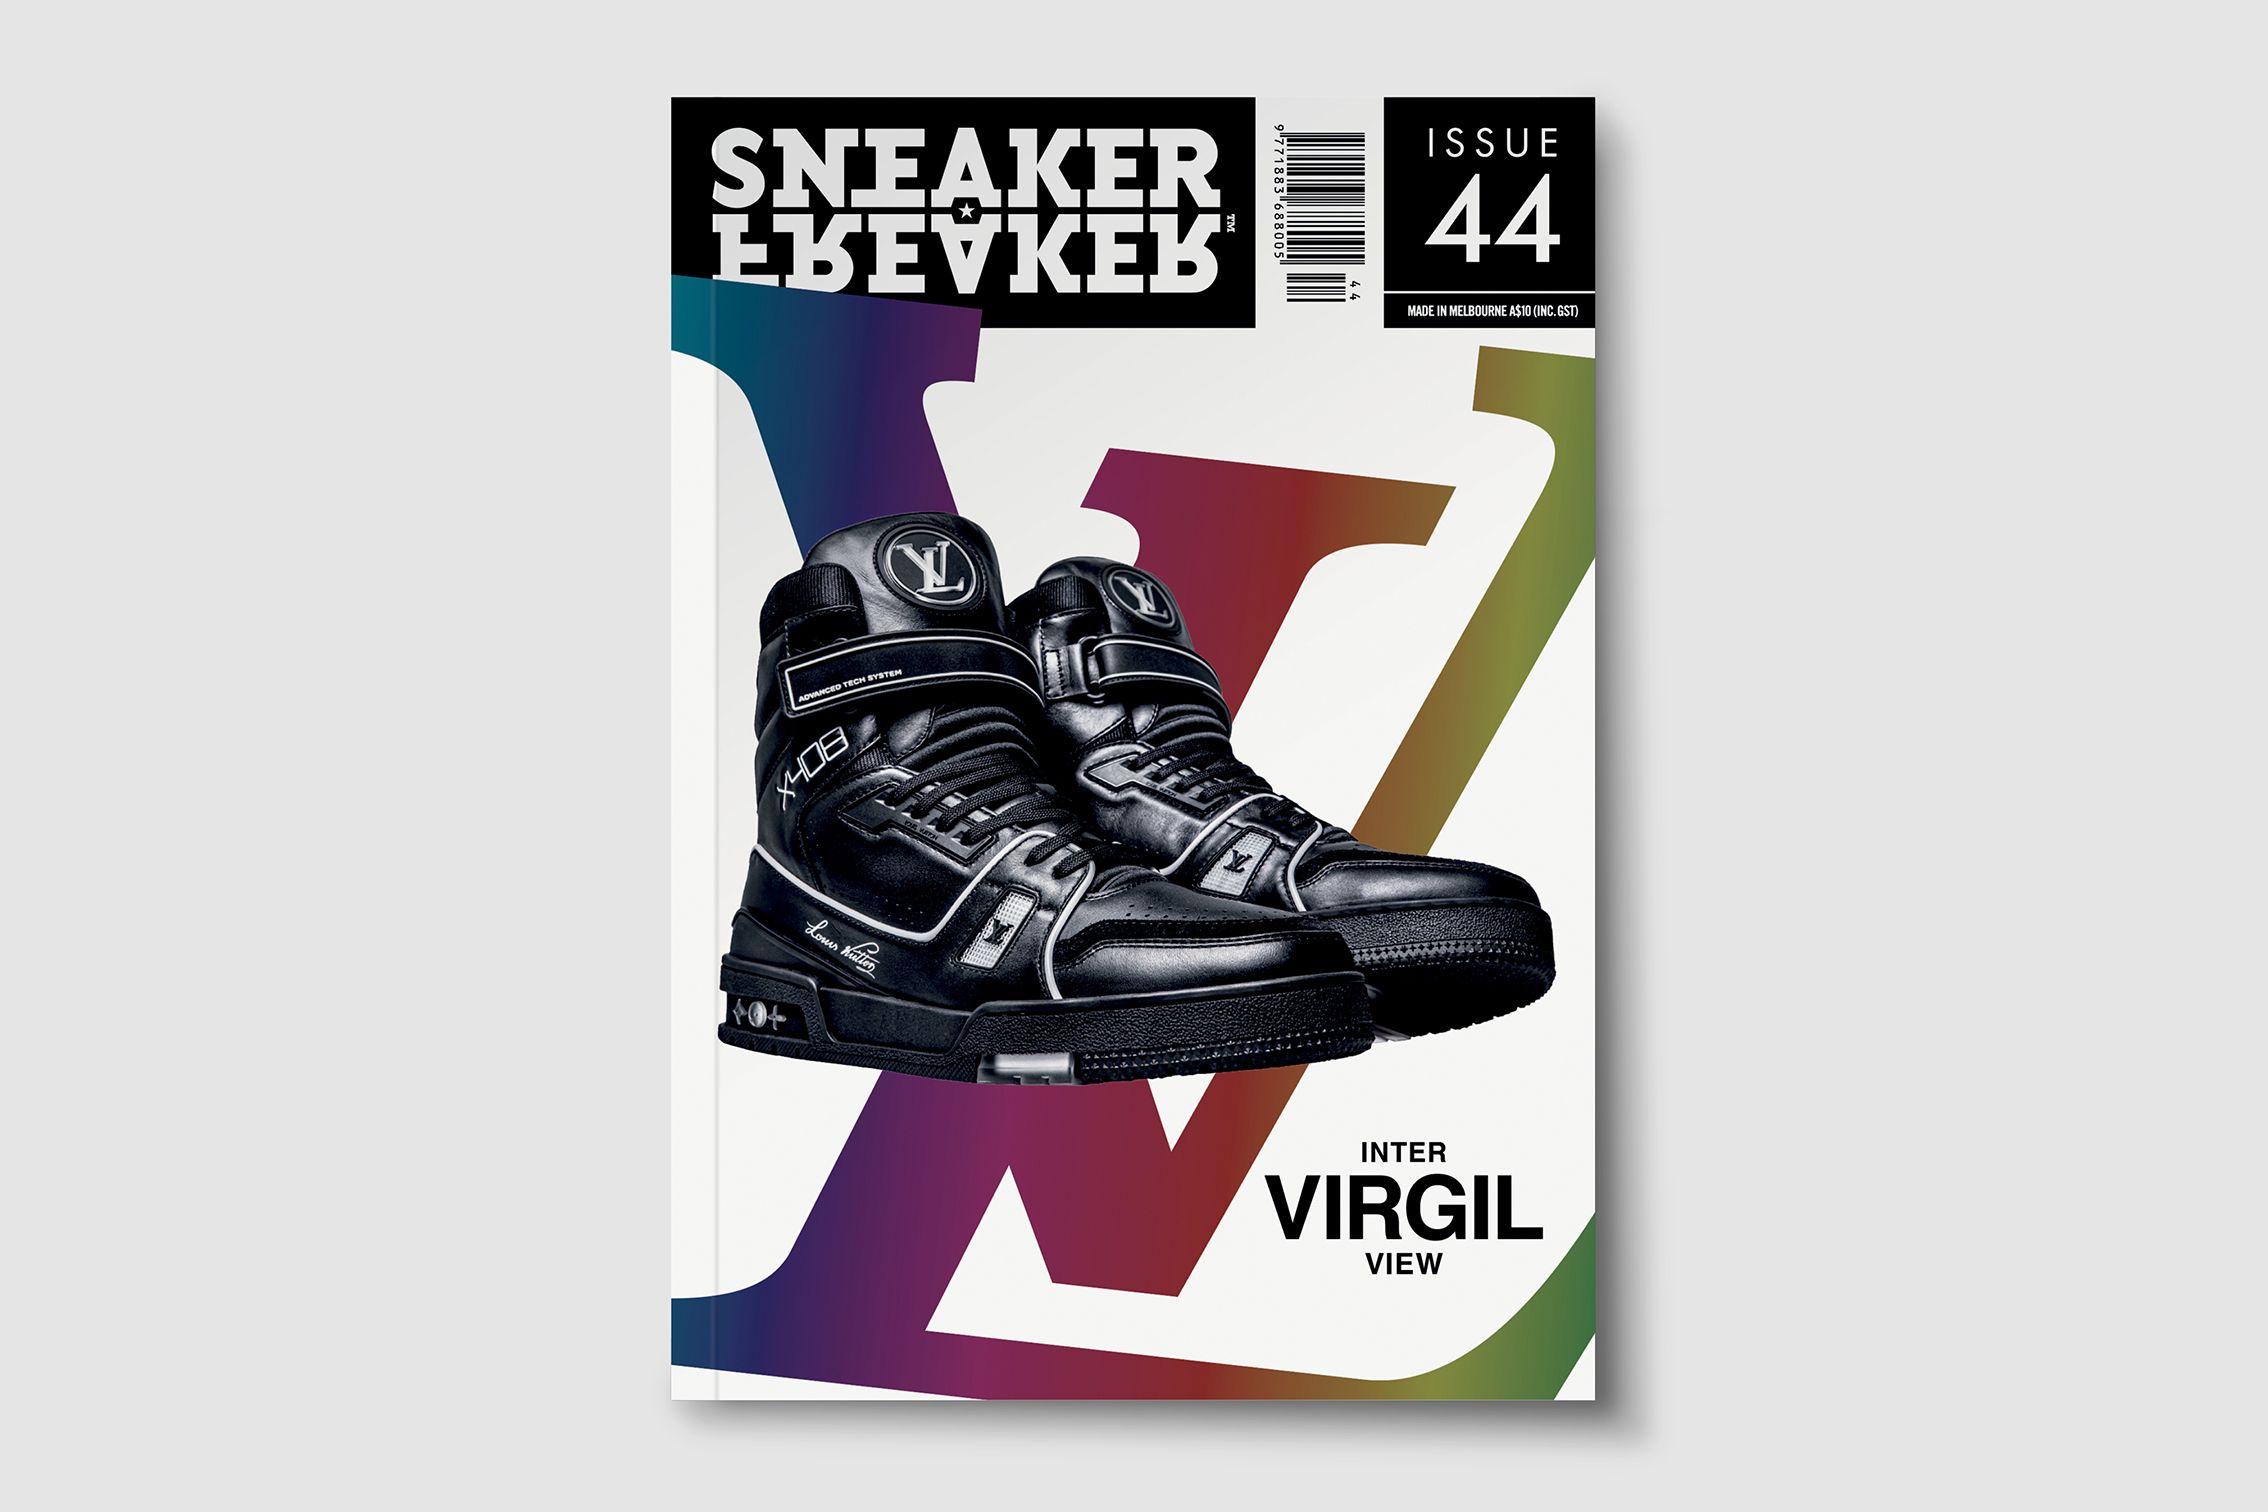 Sneaker Freaker Issue 44 spread image